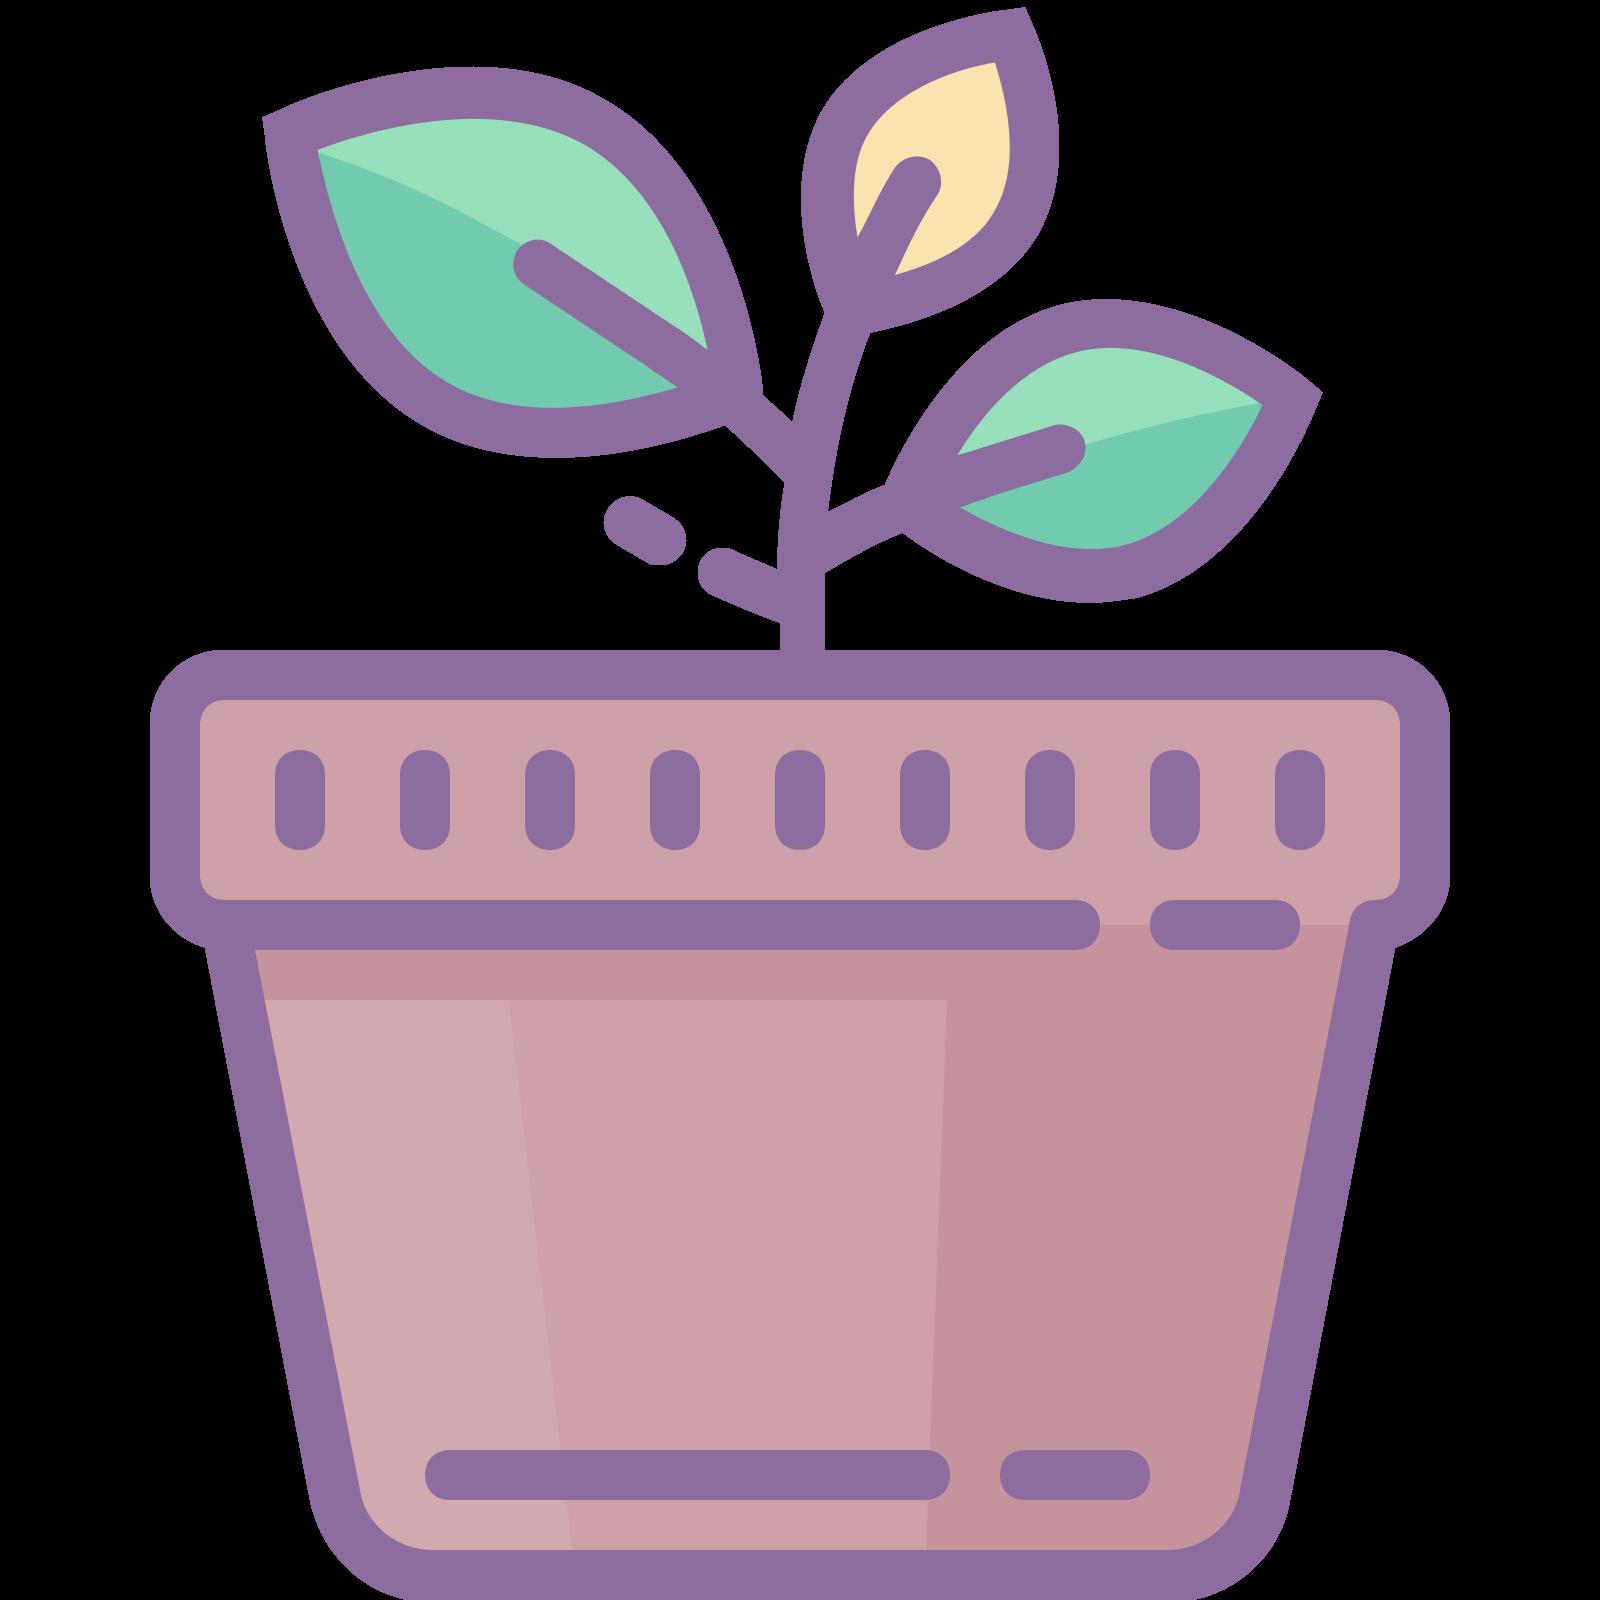 鉢植え icon. This is a picture of a potted plant. the plant is growing and has two leaves, one a bit larger than the other. the pot it's in is very plain with a base and rim. the leaves are facing opposite directions (left and right).